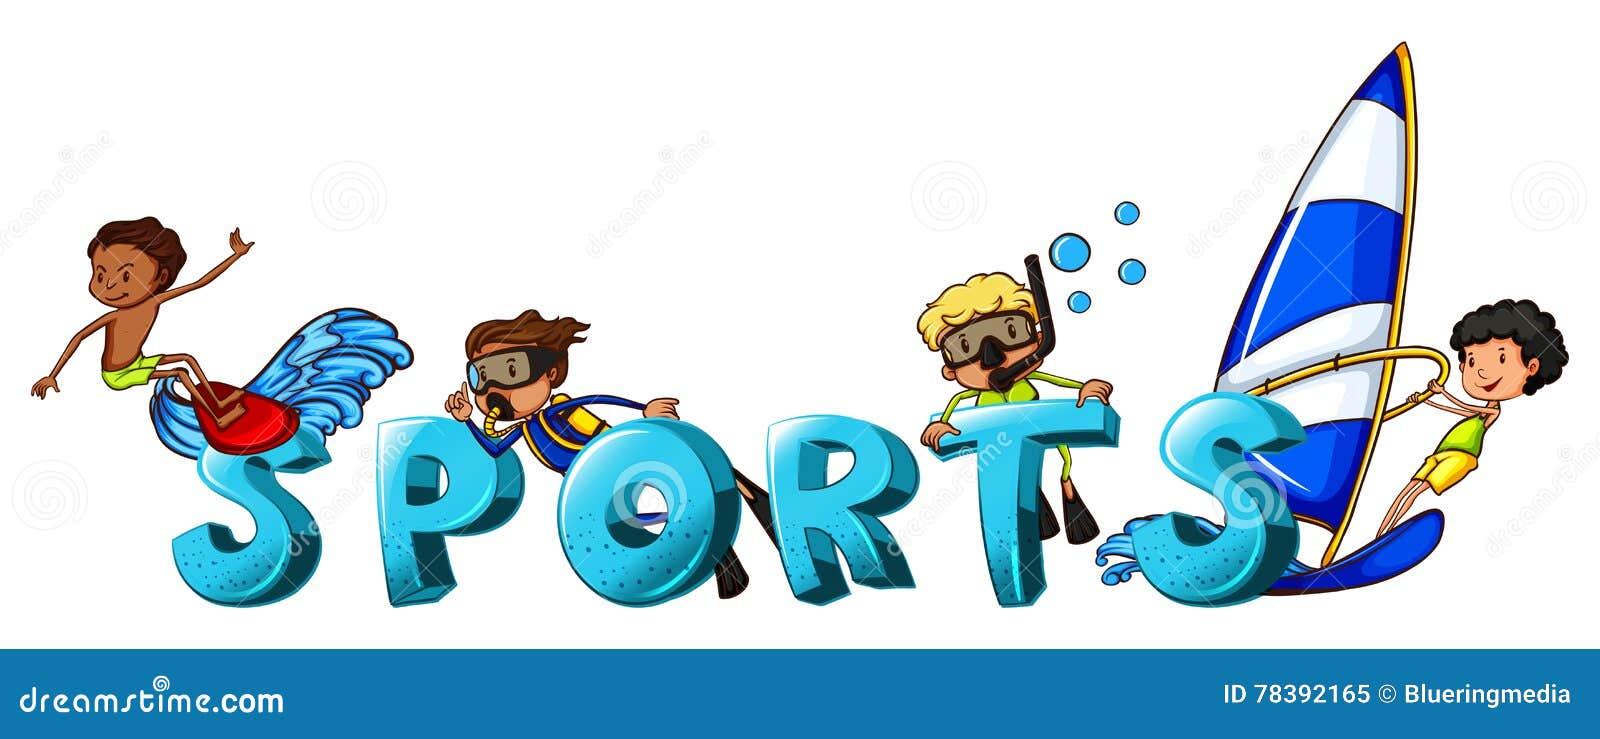 Картинка спортсмен надпись